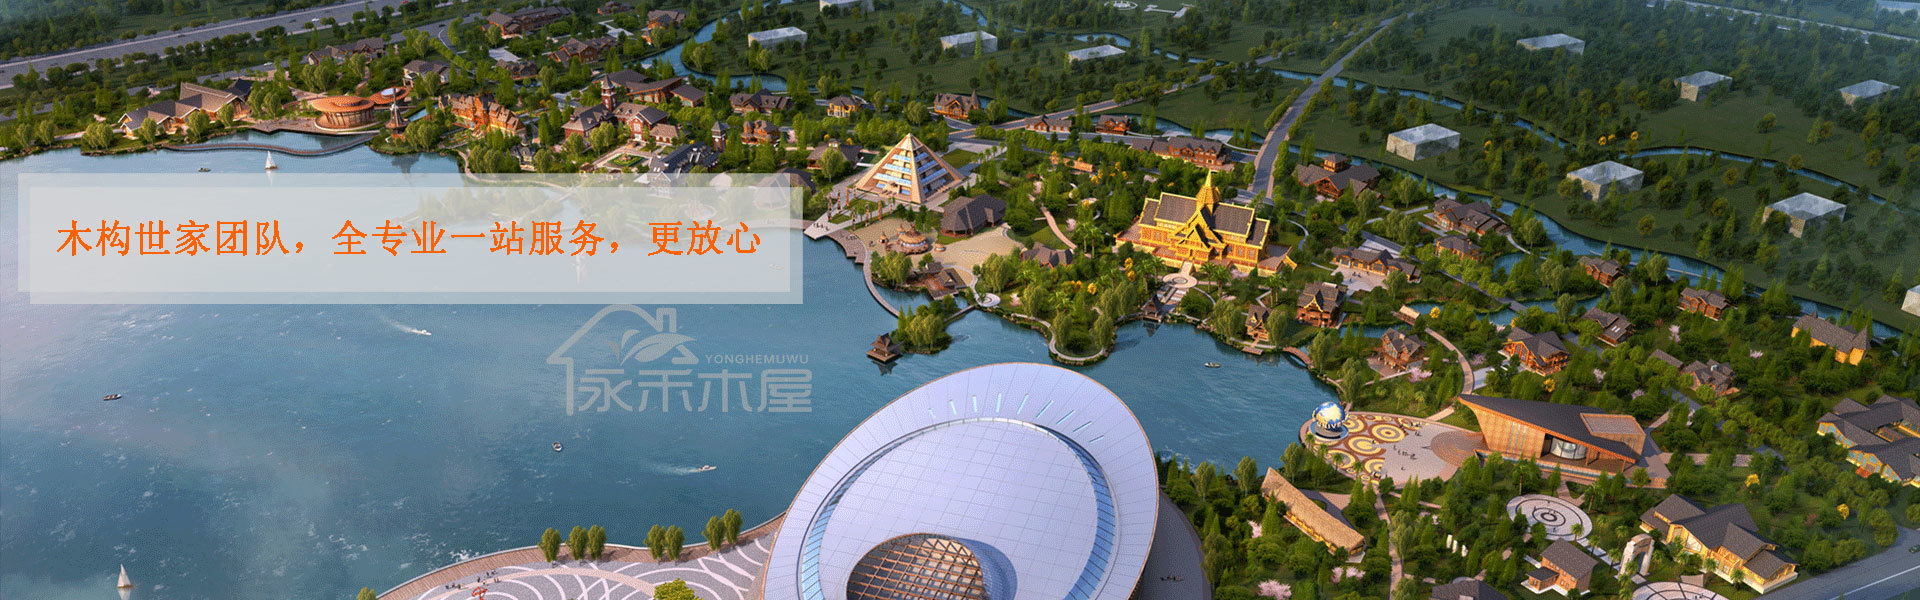 江西木屋项目鸟瞰图